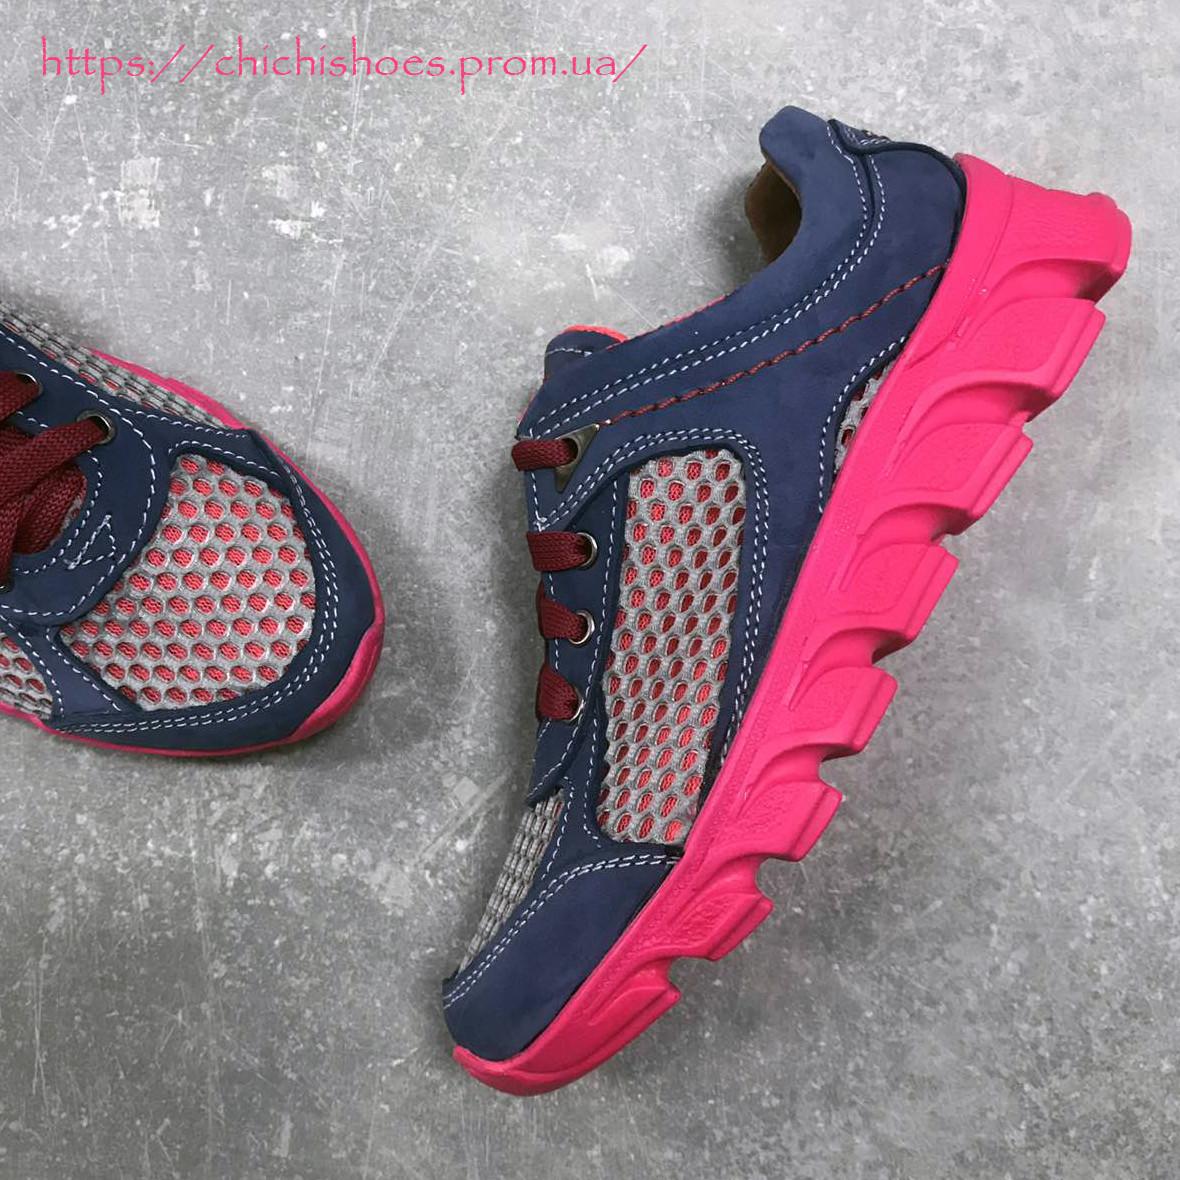 1e32425b Летние кожаные кроссовки 33-37 размер: продажа, цена в Полтавской ...